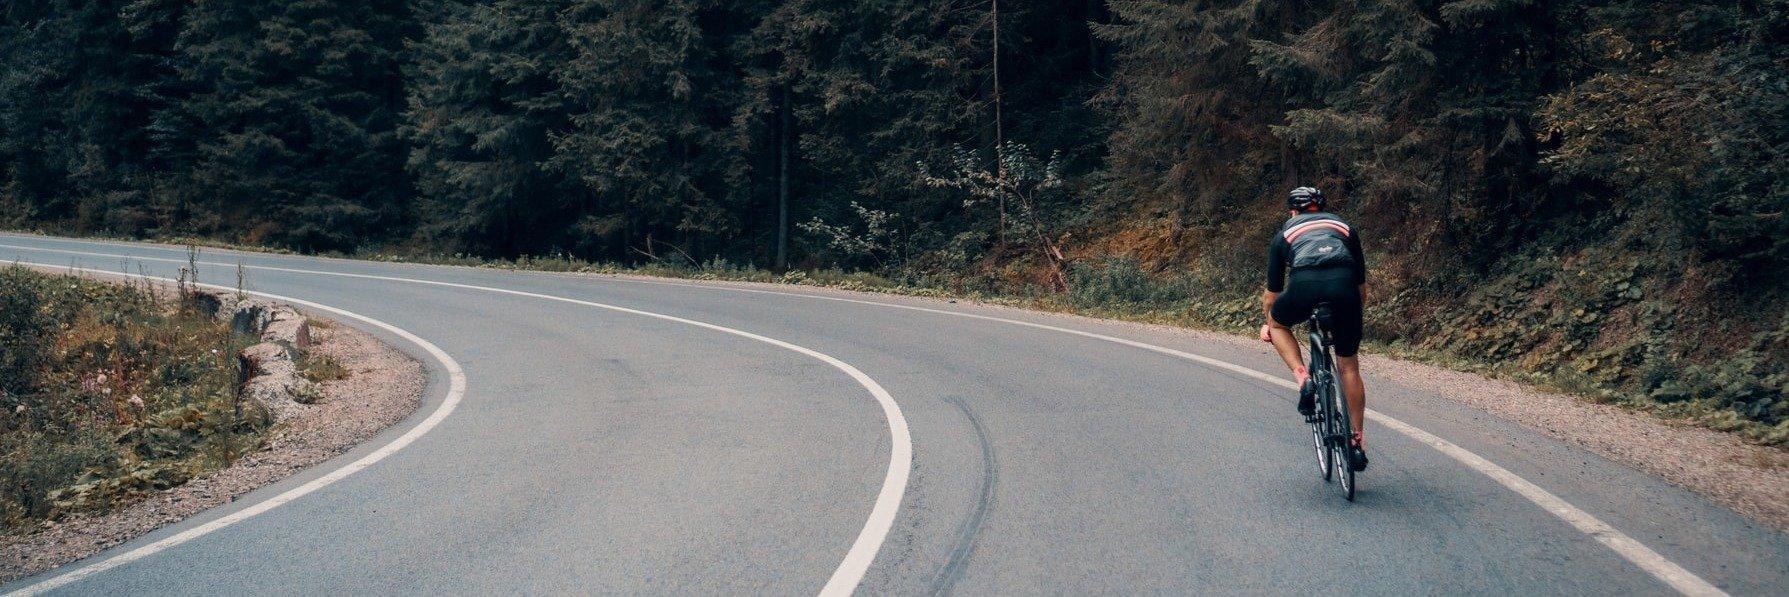 Cuidados ao pedalar: Como evitar lesões quando anda de bicicleta